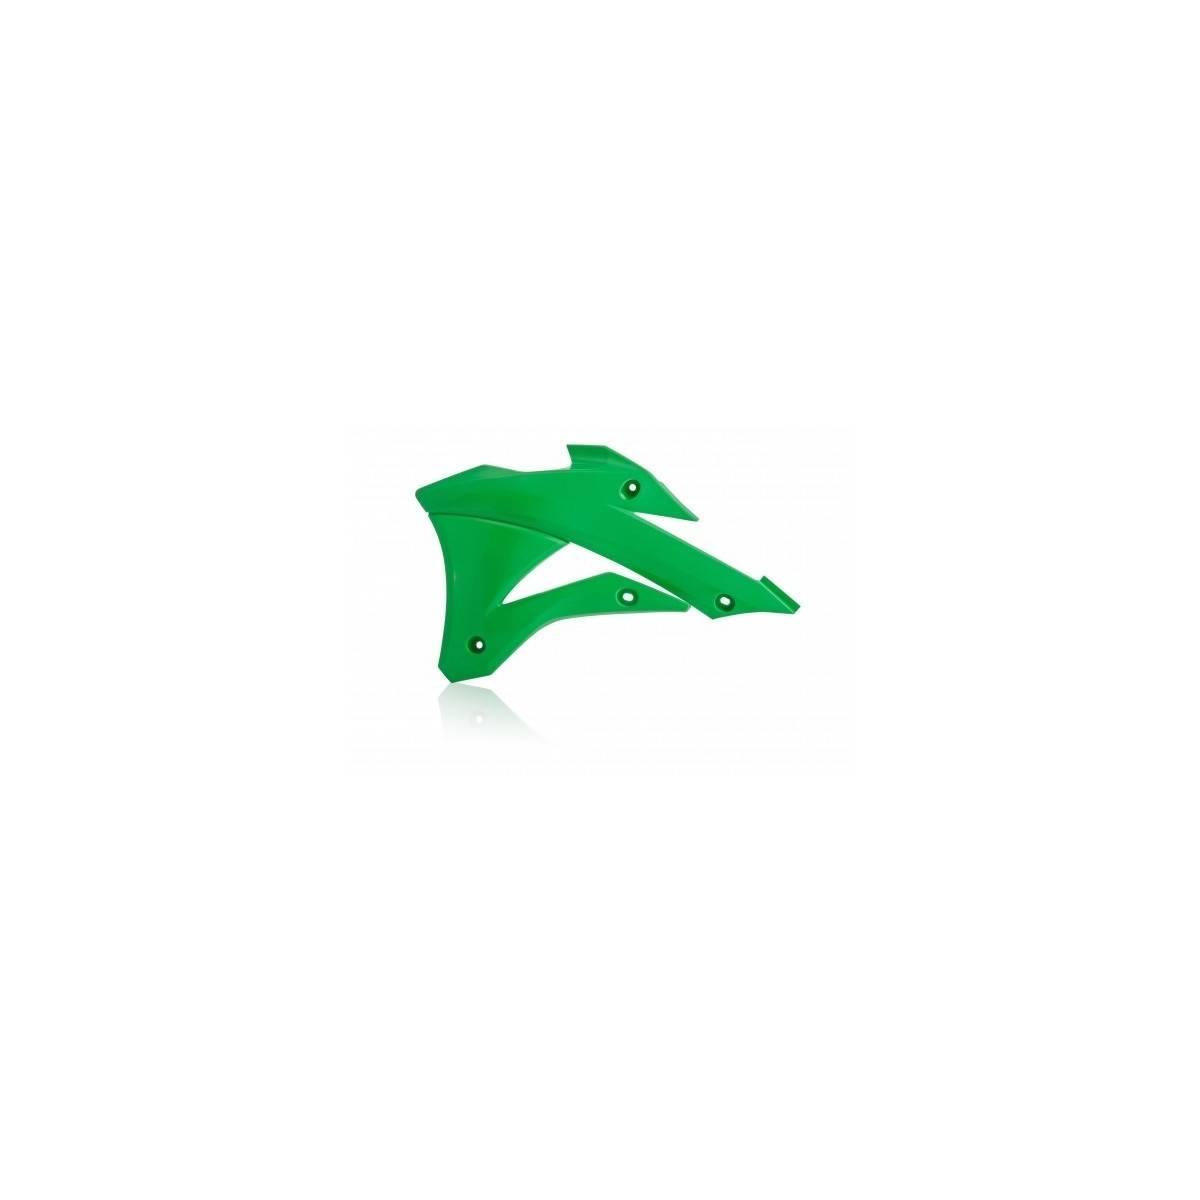 0017242-130 - Tapa Radiador Kx85 100 14 18 Verde